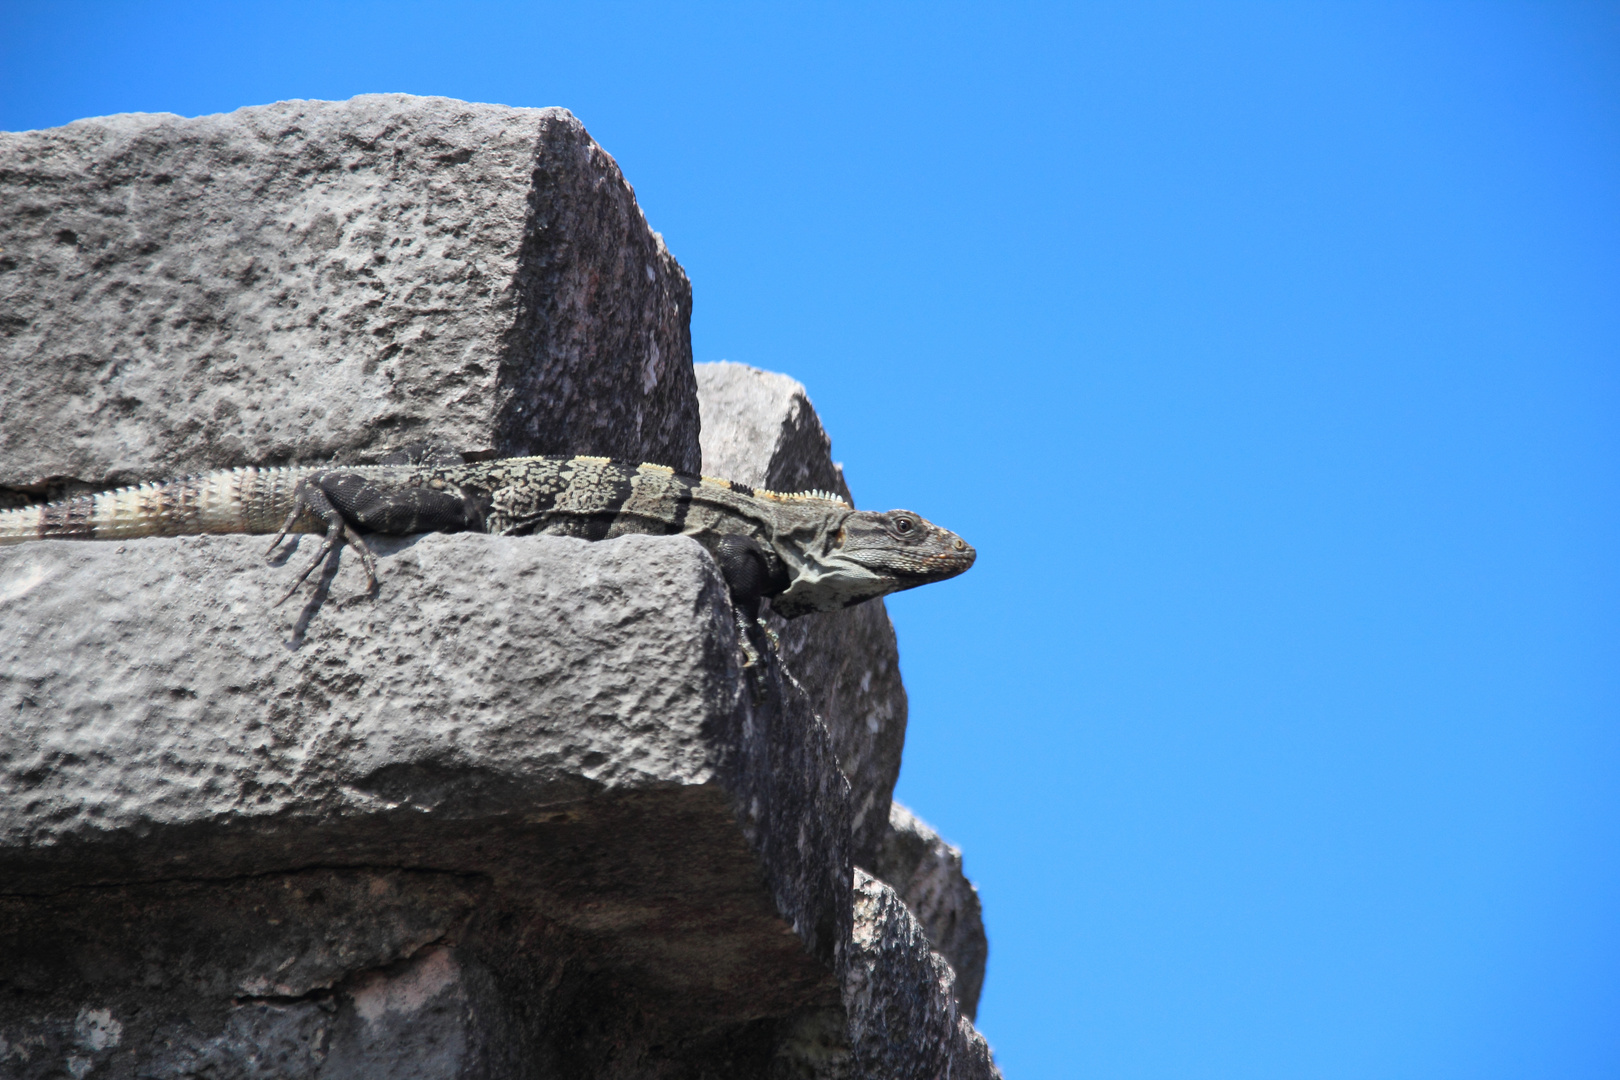 Iguana negro am Tempel von Tulum,Mexiko